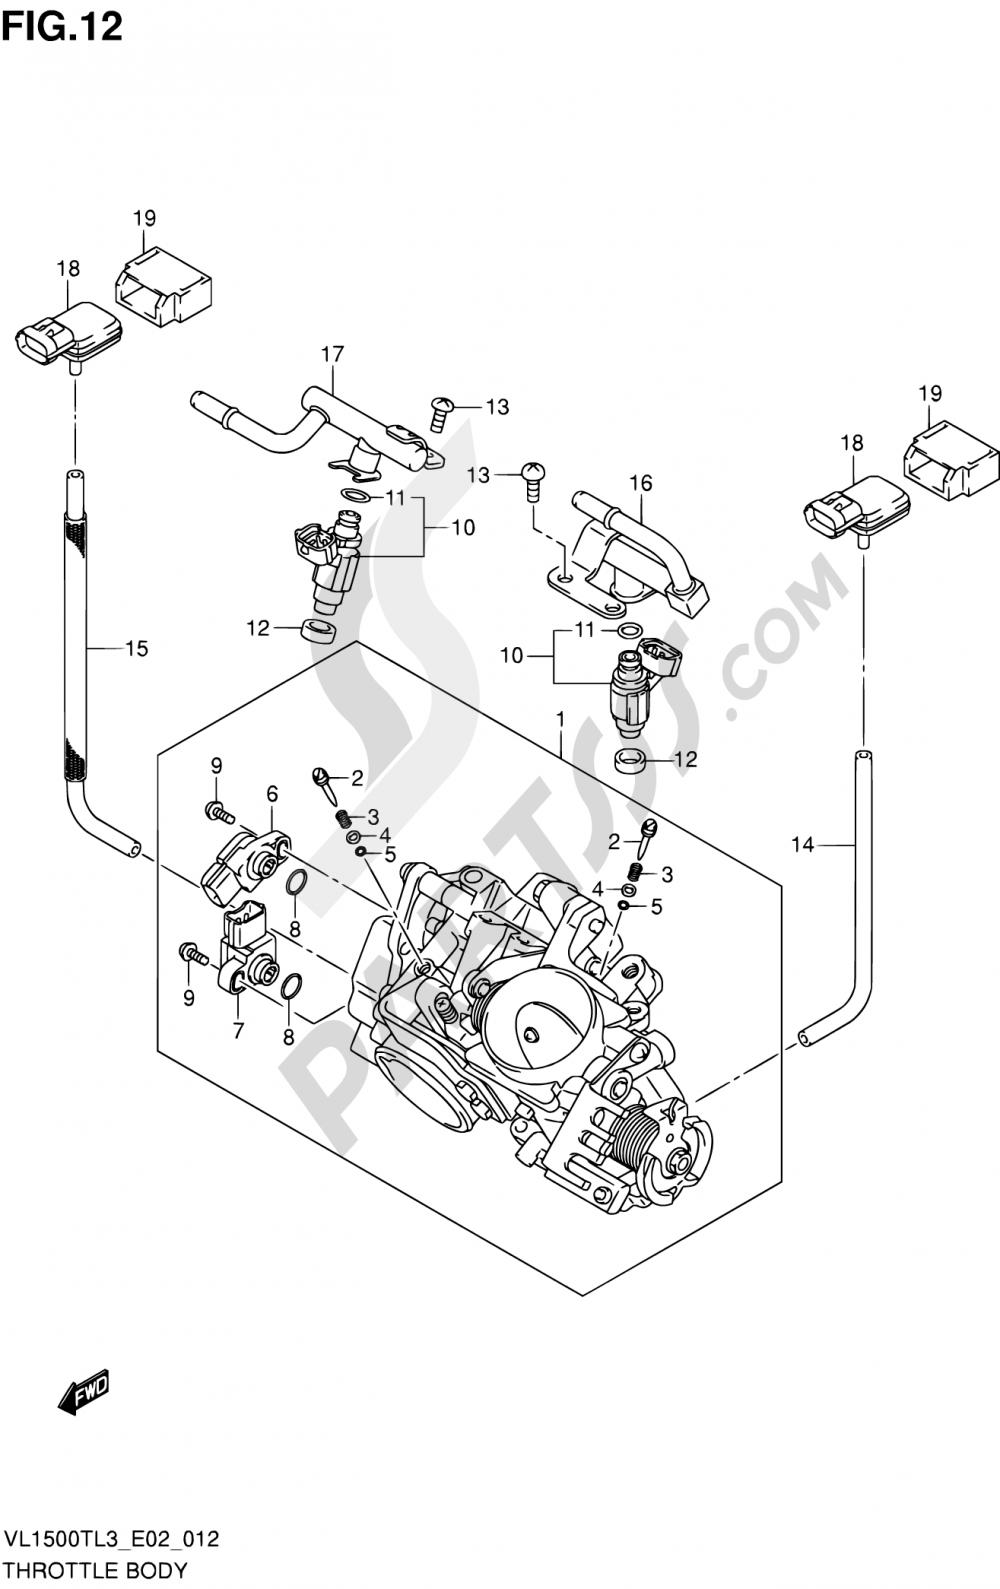 12 - THROTTLE BODY (VL1500TL3 E19) Suzuki INTRUDER VL150 2013